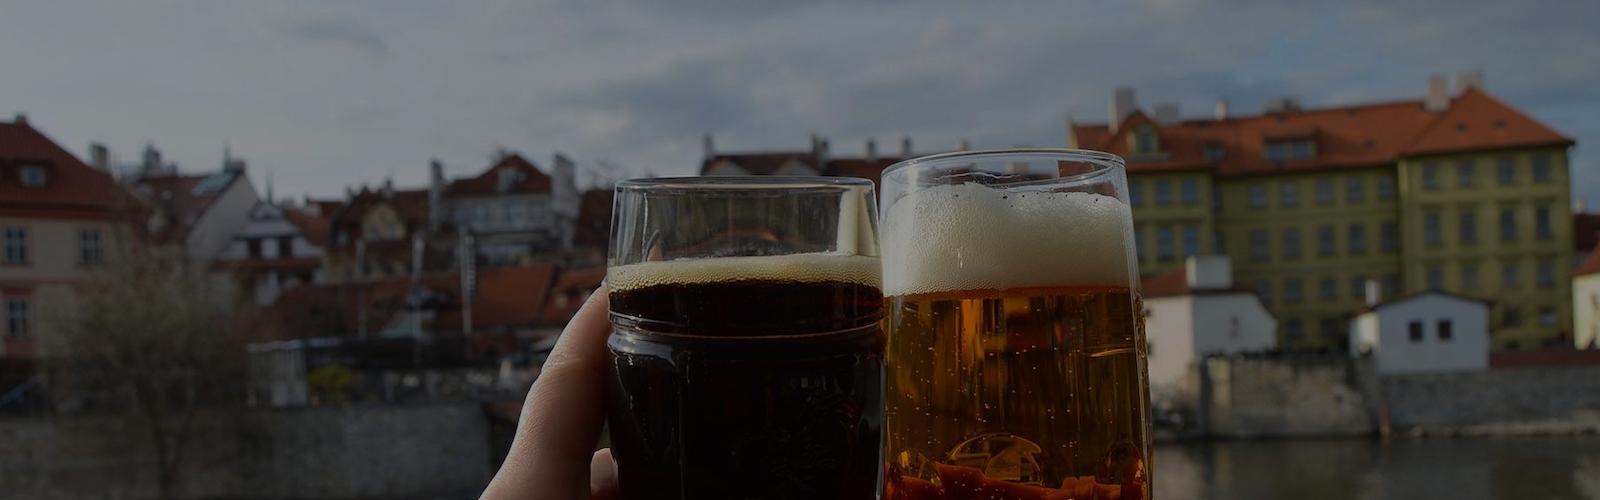 Проверенные рестораны с чешской кухней в Праге